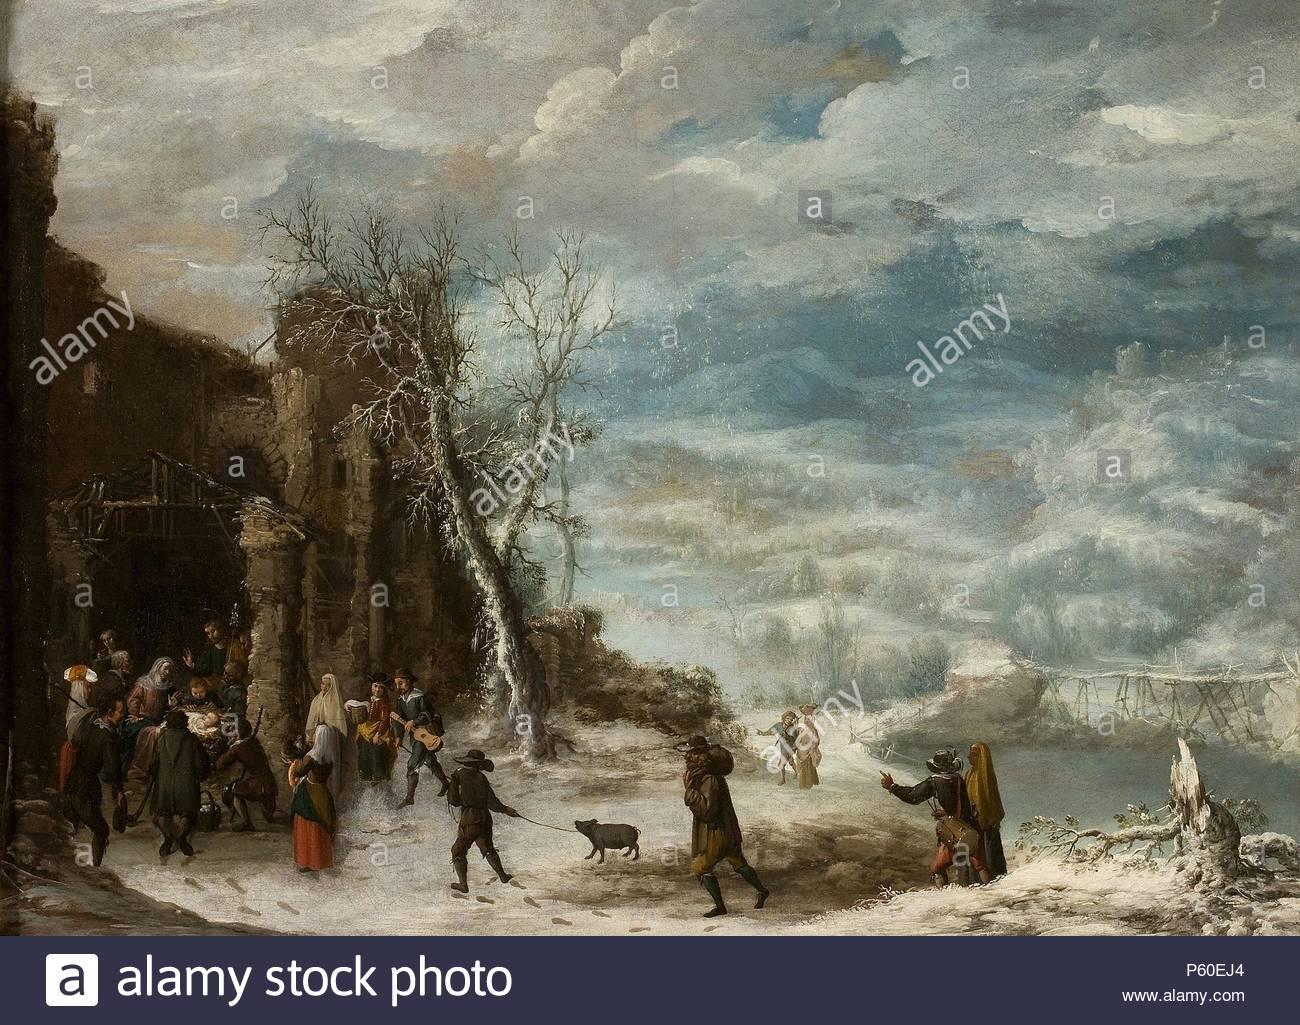 Francisco Collantes / 'Paisaje de invierno con la Adoración de los pastores', 1630-1650, Spanish School, Oil on canvas, 72,2 cm x 105,7 cm, P08015. Museum: MUSEO DEL PRADO. - Stock Image